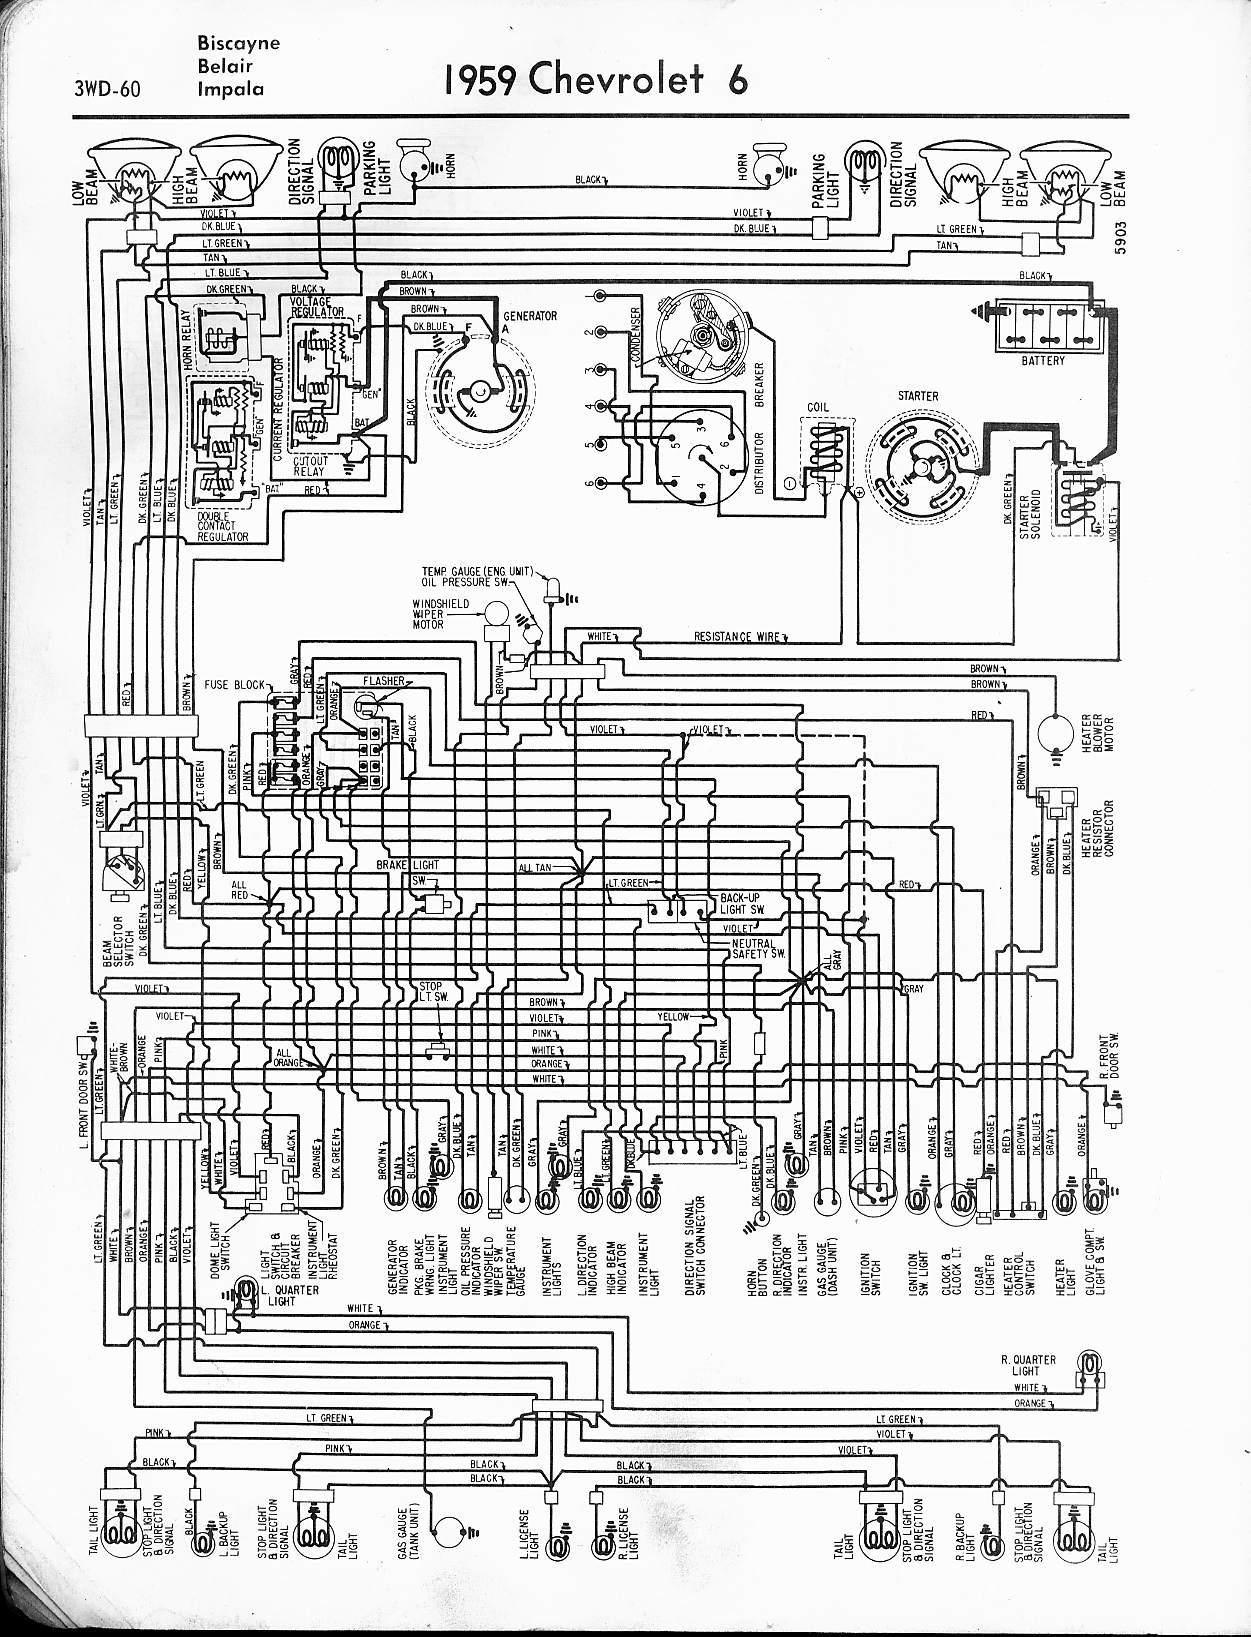 Enjoyable 59 Chevy Wiring Diagram Wiring Diagram Wiring Cloud Filiciilluminateatxorg